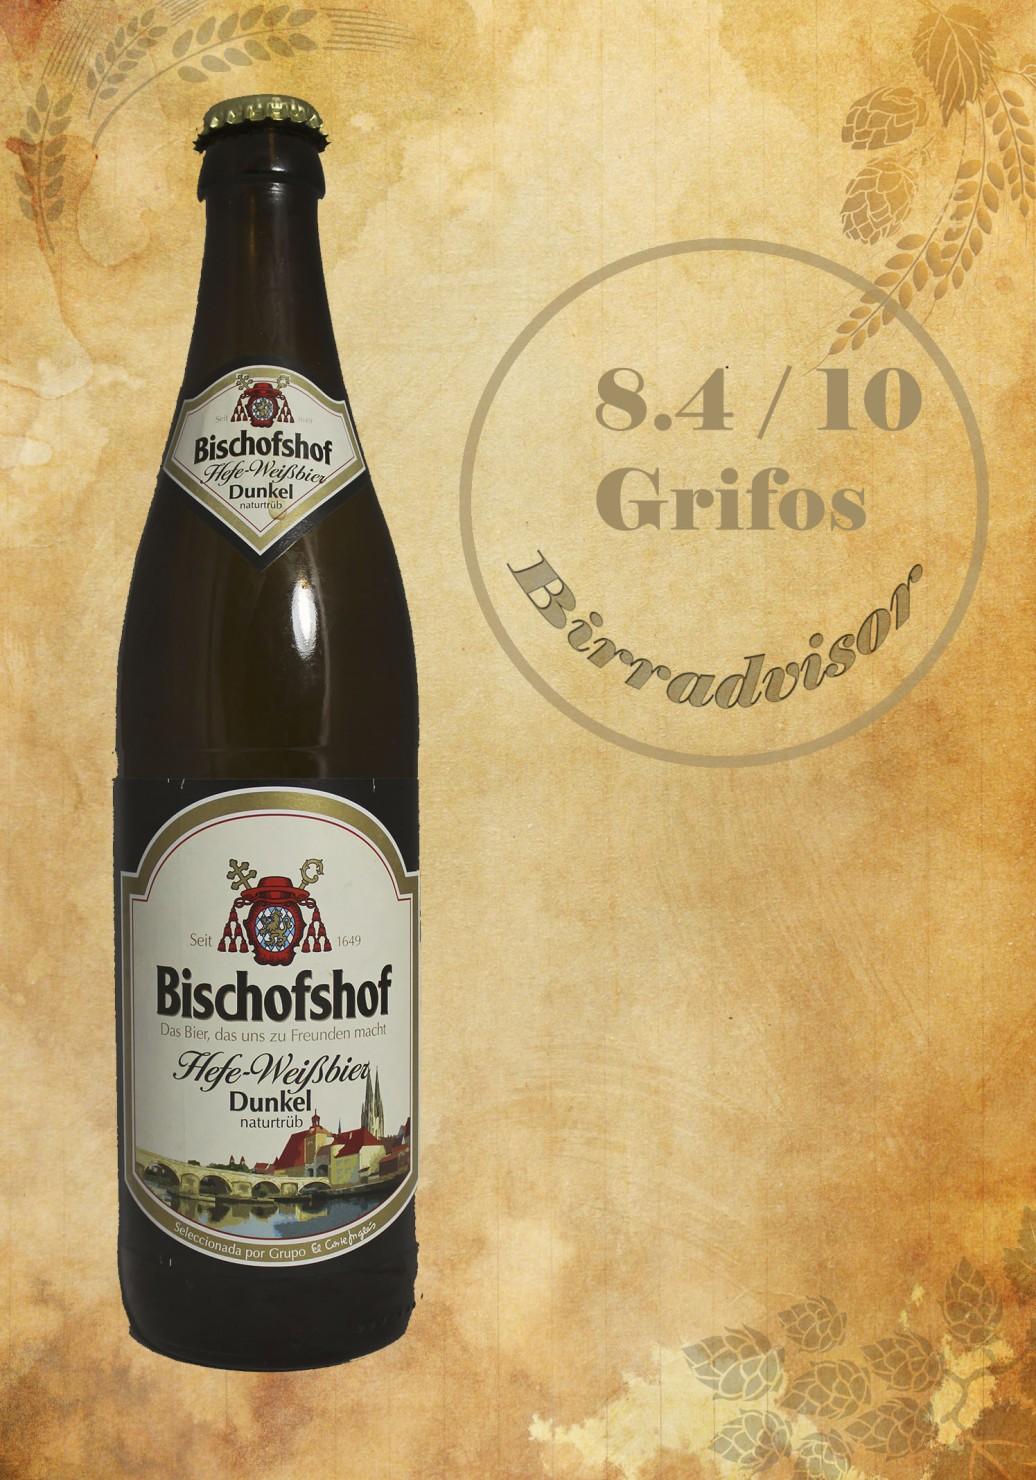 Bischofshof (hefe-weissbier)